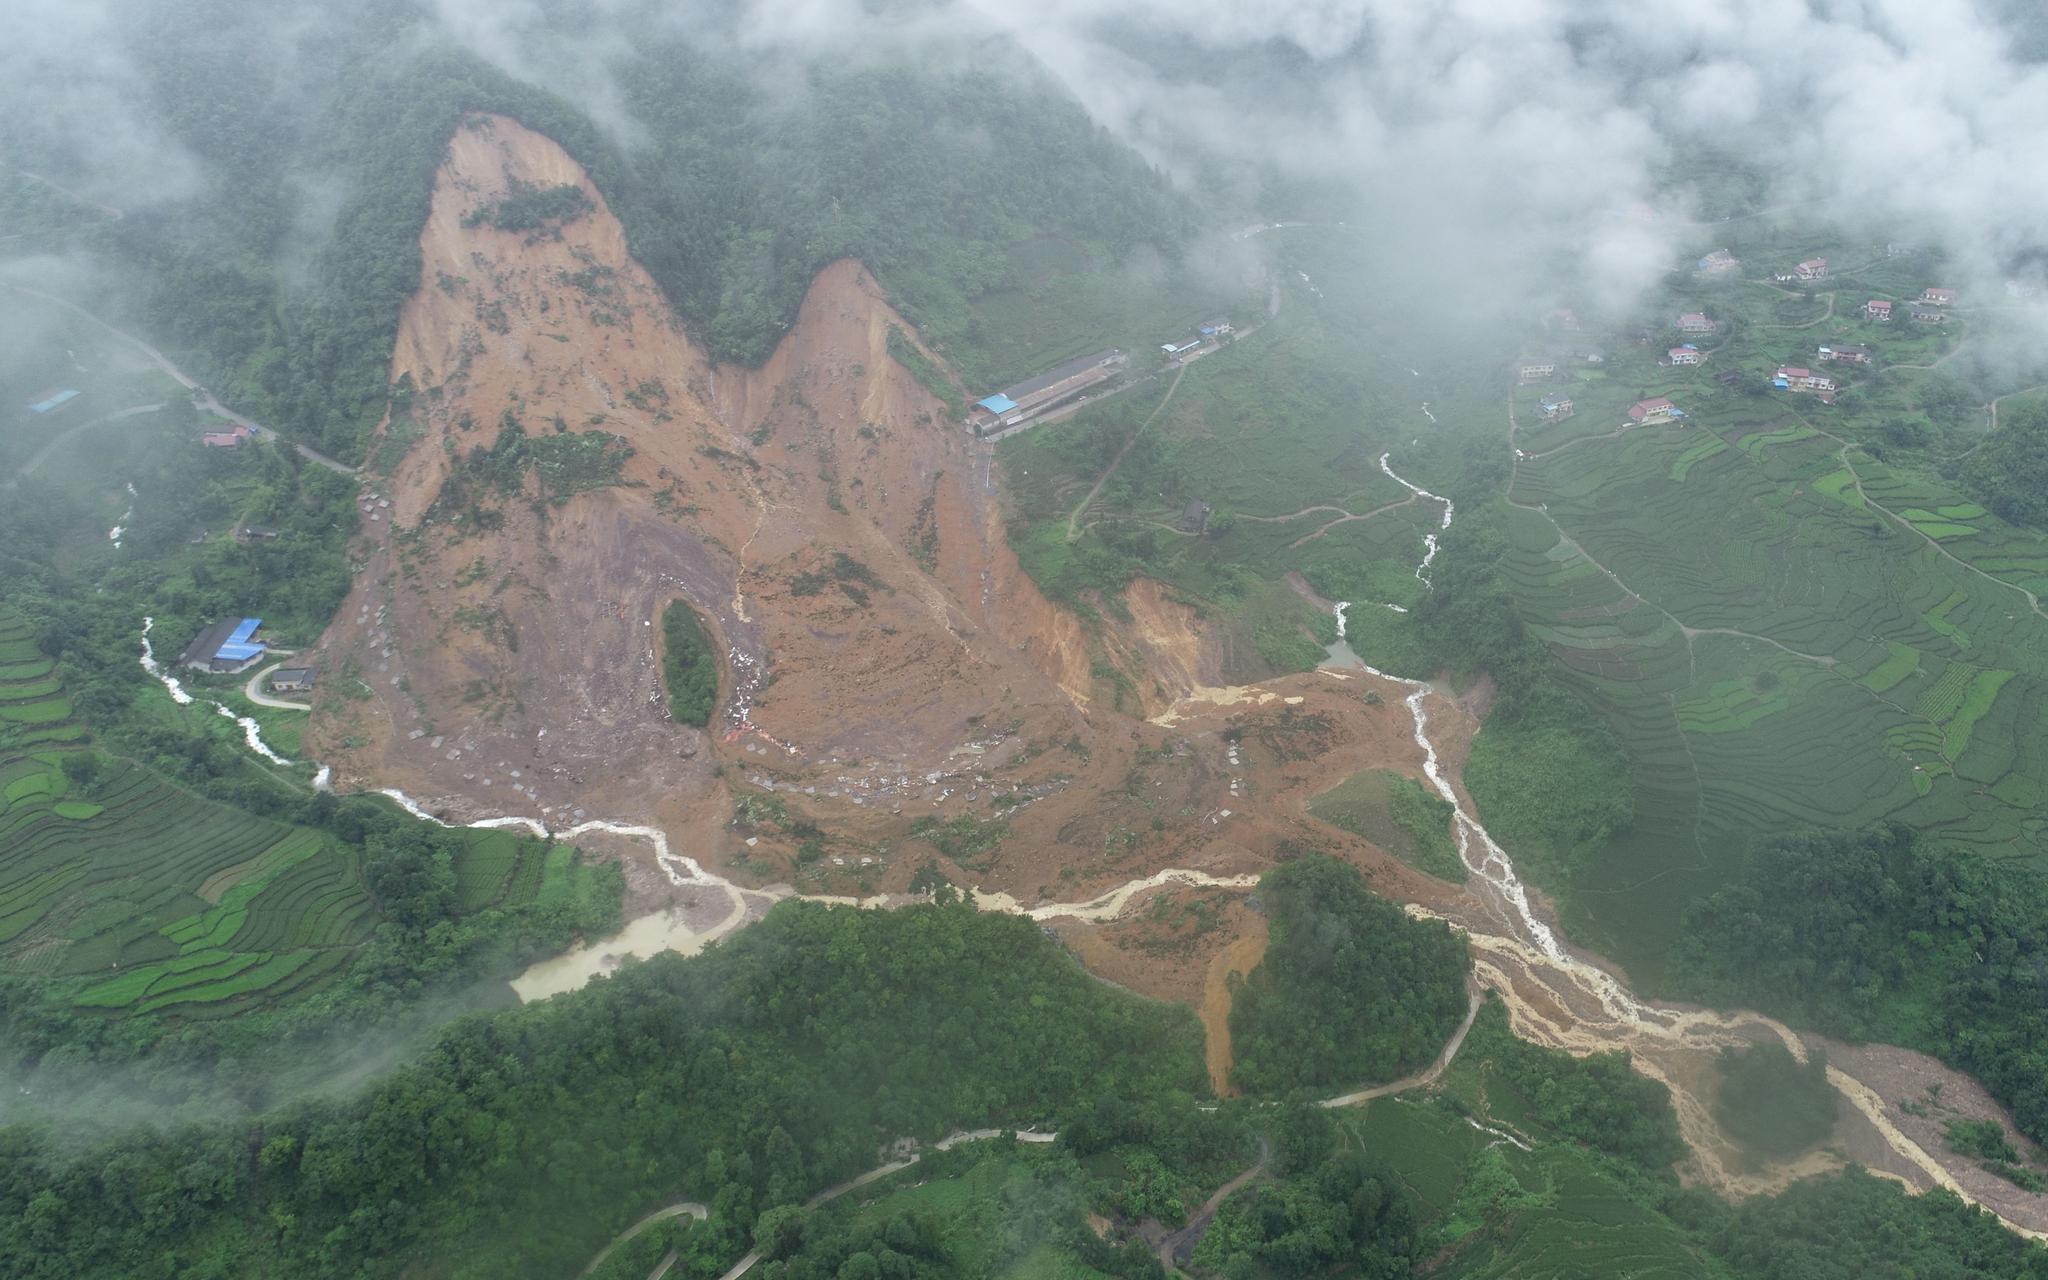 雷家山发生滑坡 北斗监测系统3次预警 村民提前撤离图片